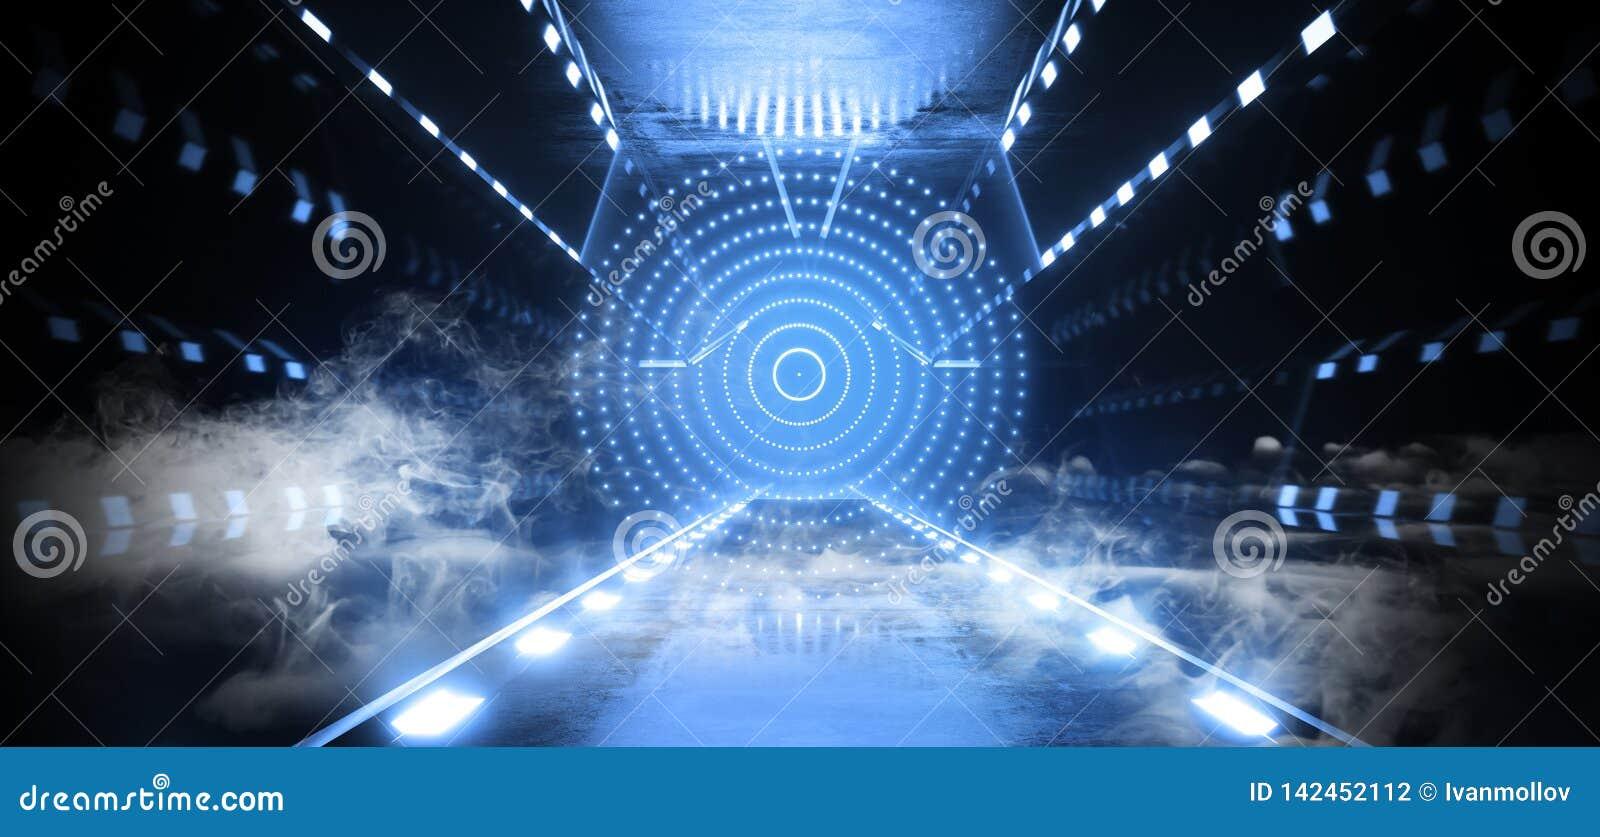 Bleu au néon rougeoyant de lumières lasers de Matrix de cercle futuriste de vaisseau spatial de Sci fi d étranger de brouillard d